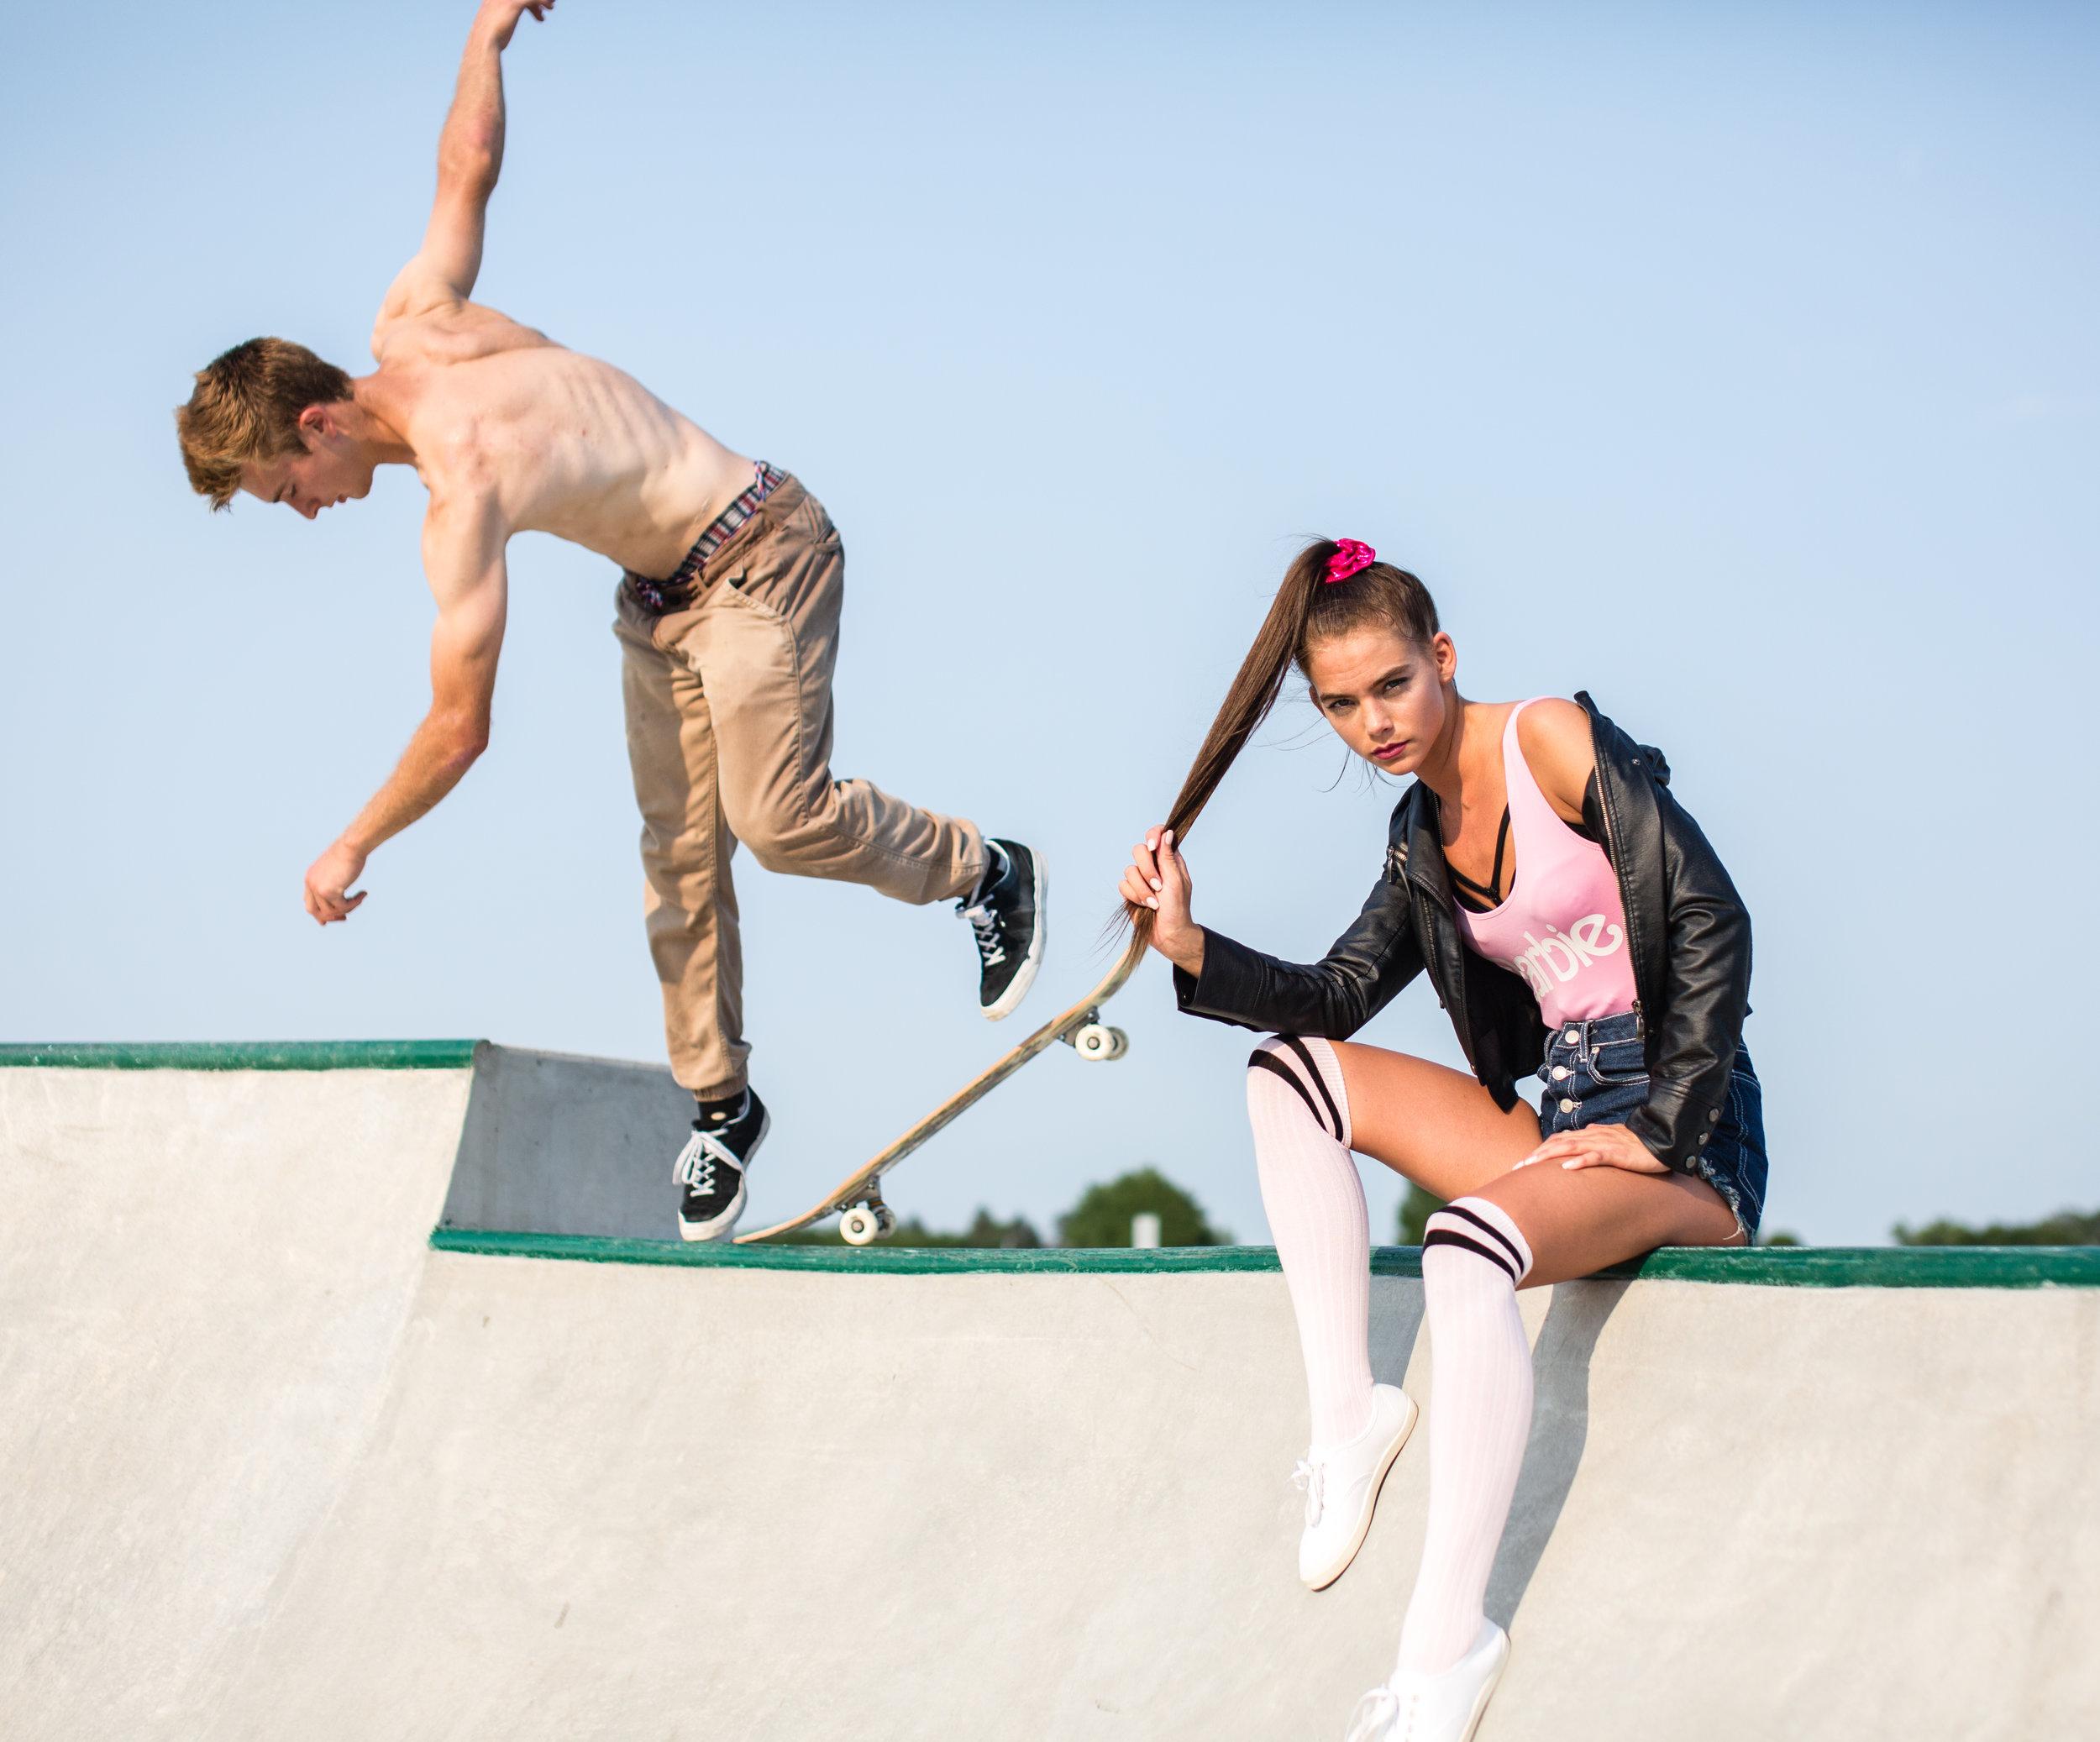 Skate2.jpg